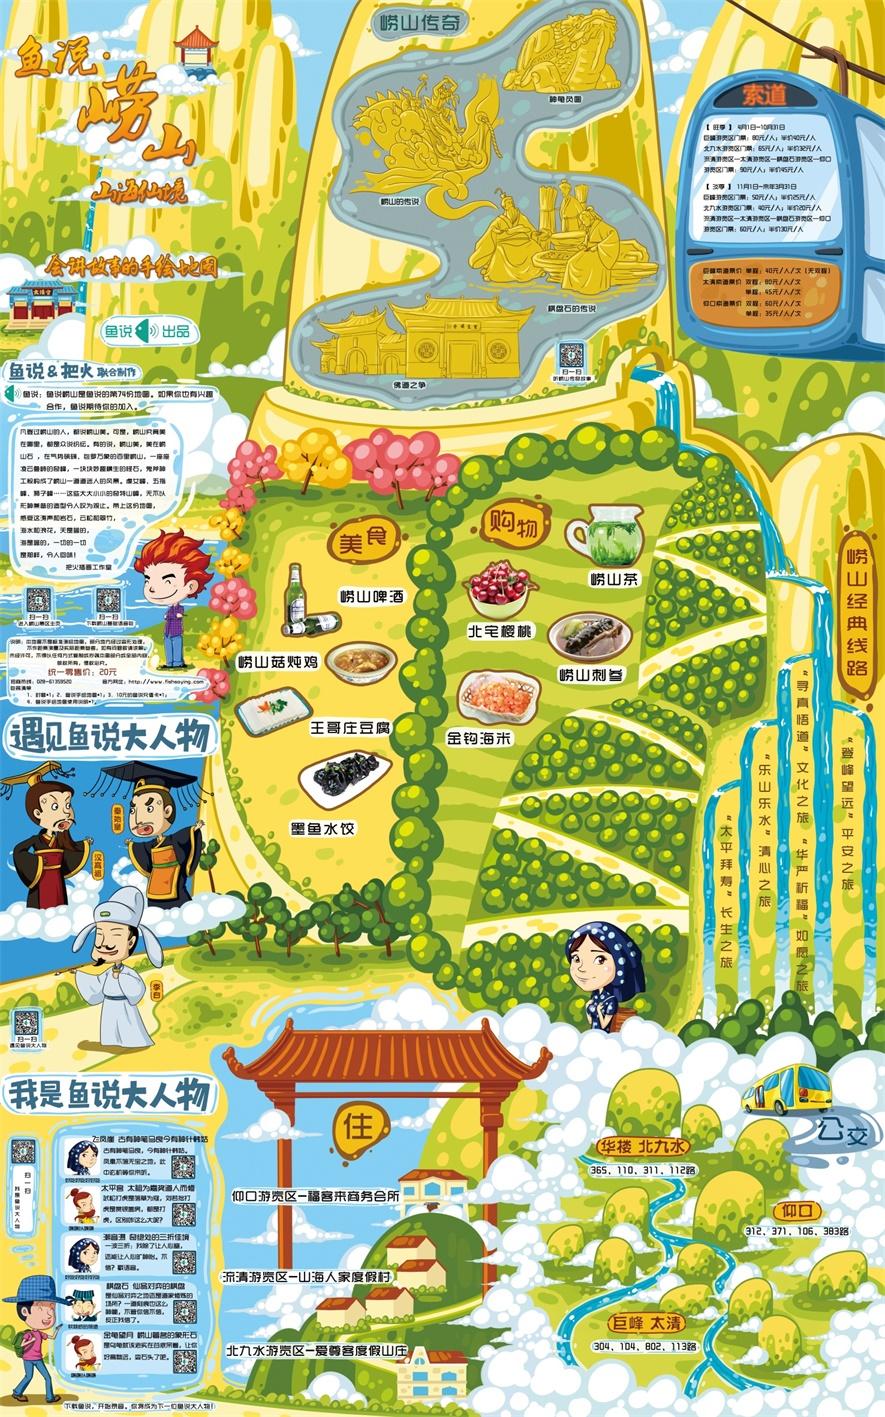 青岛崂山手绘地图|商业插画|插